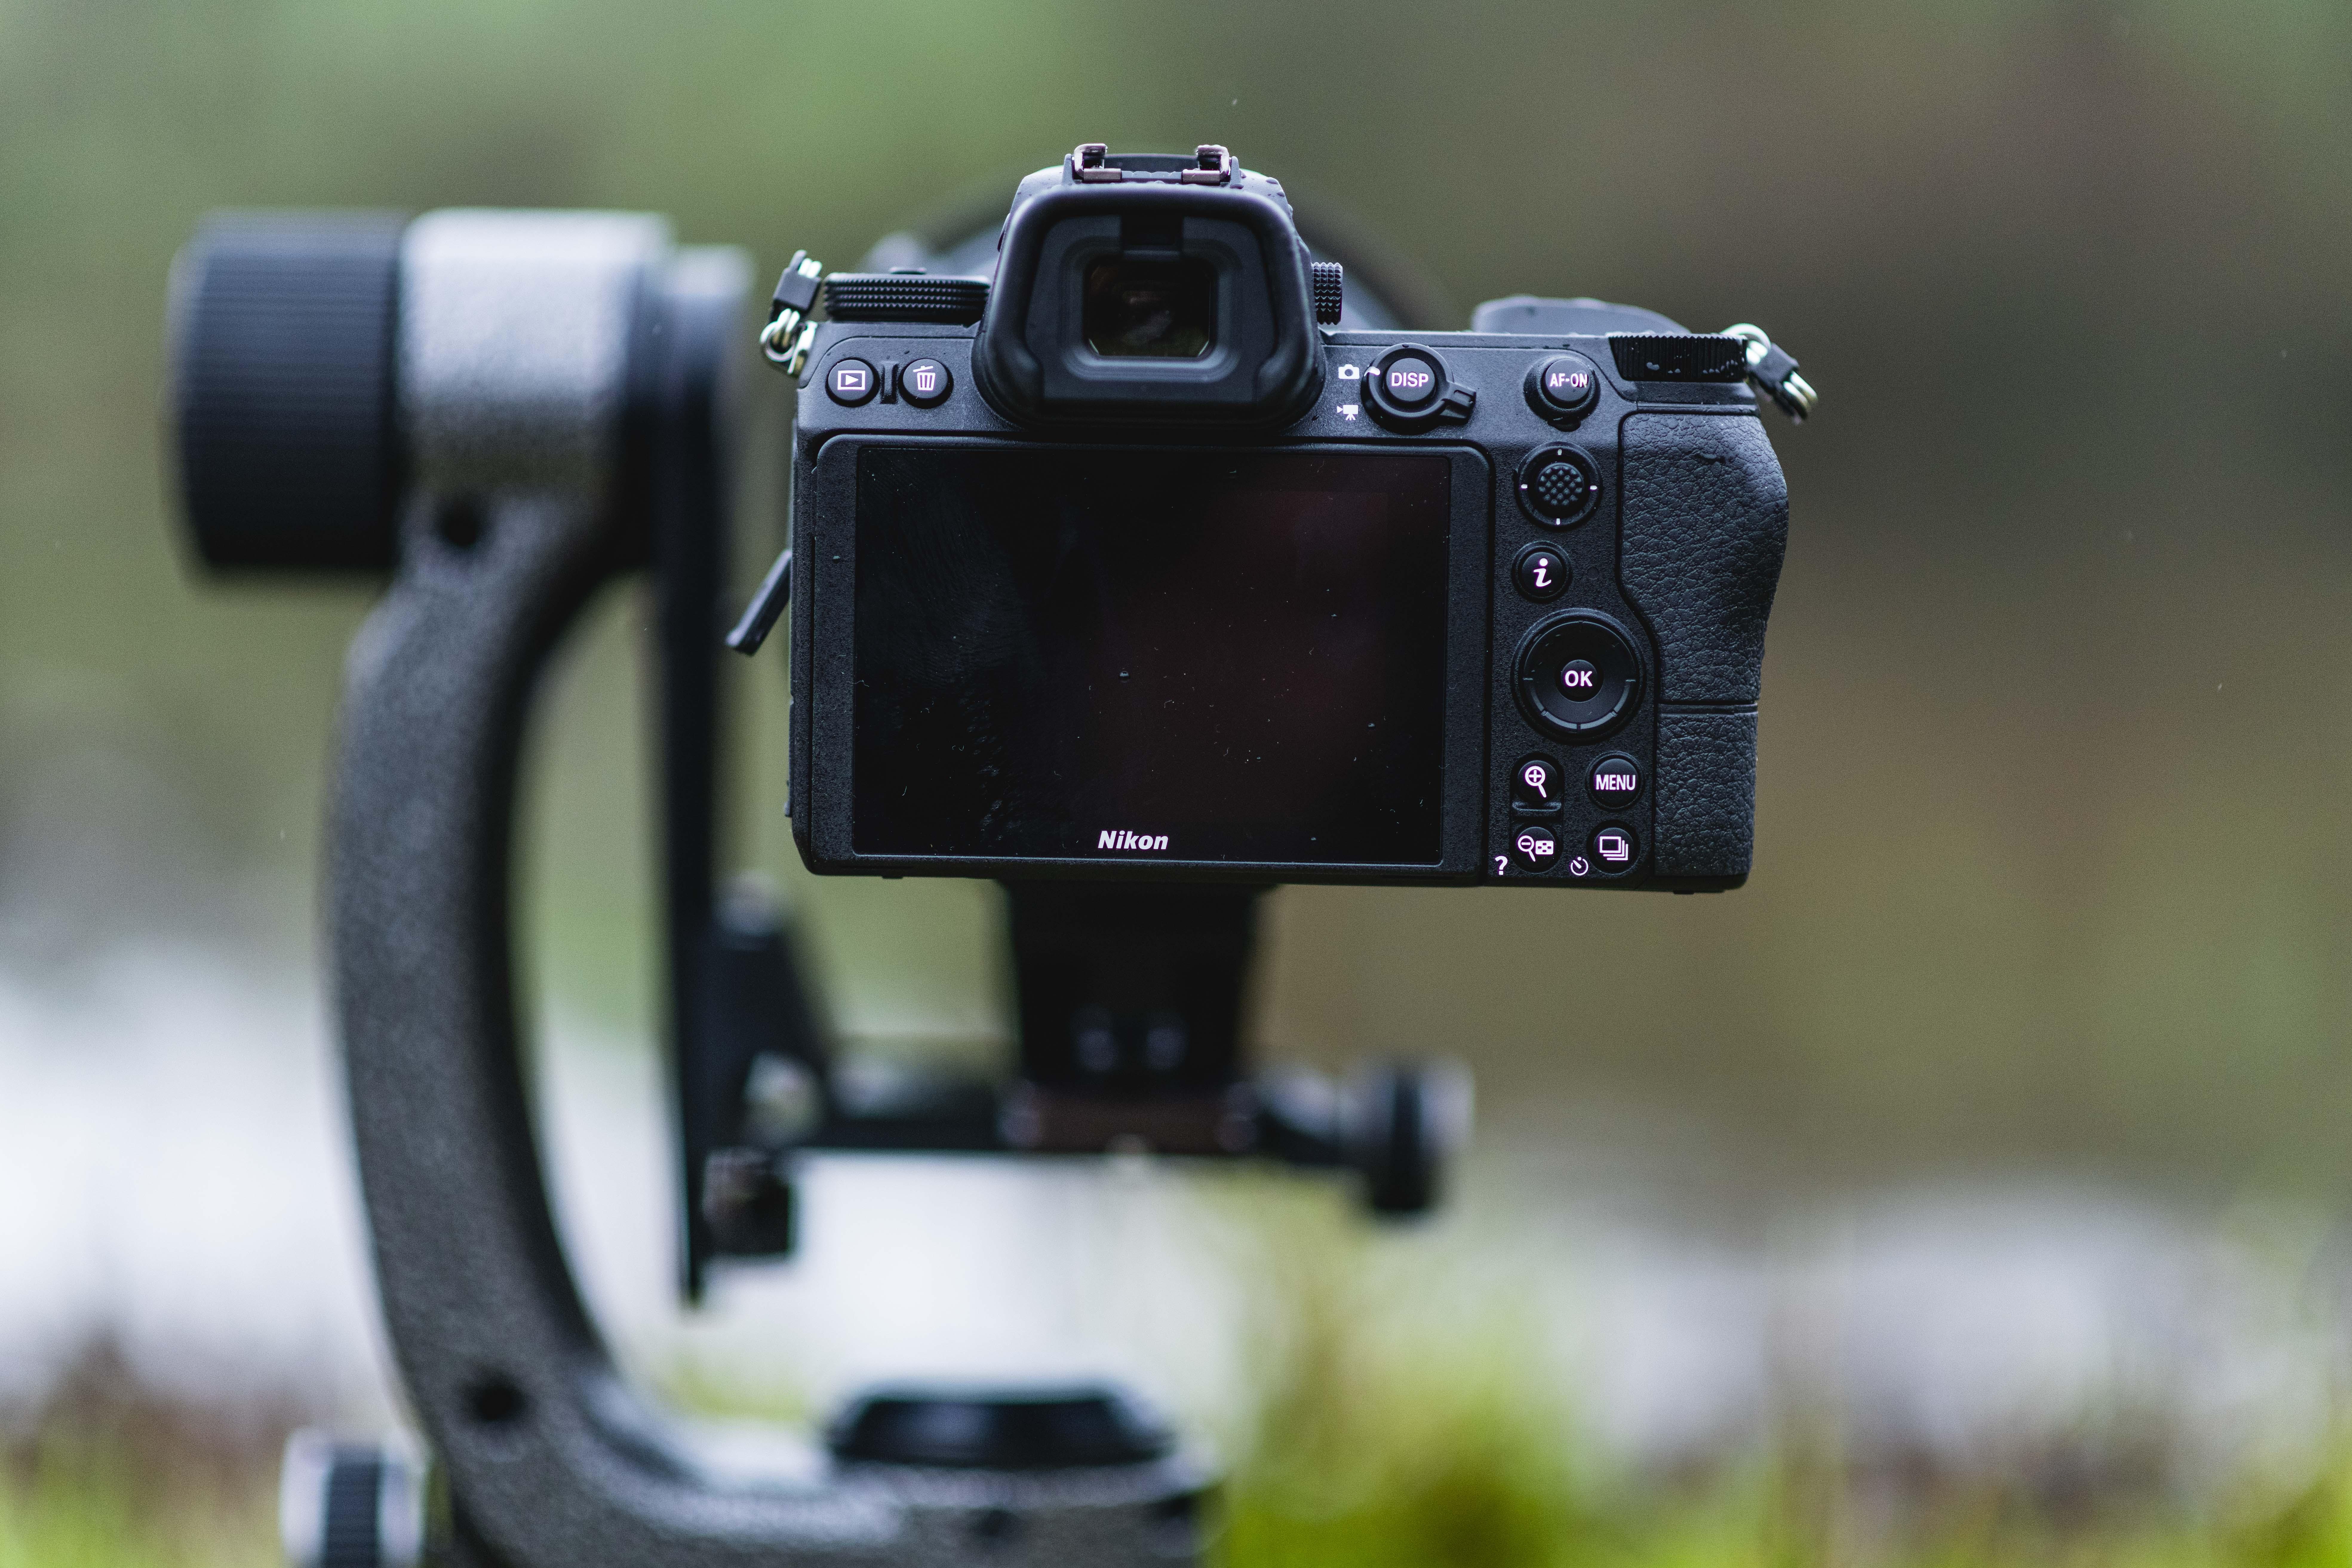 Mirrorless camera on a tripod setup